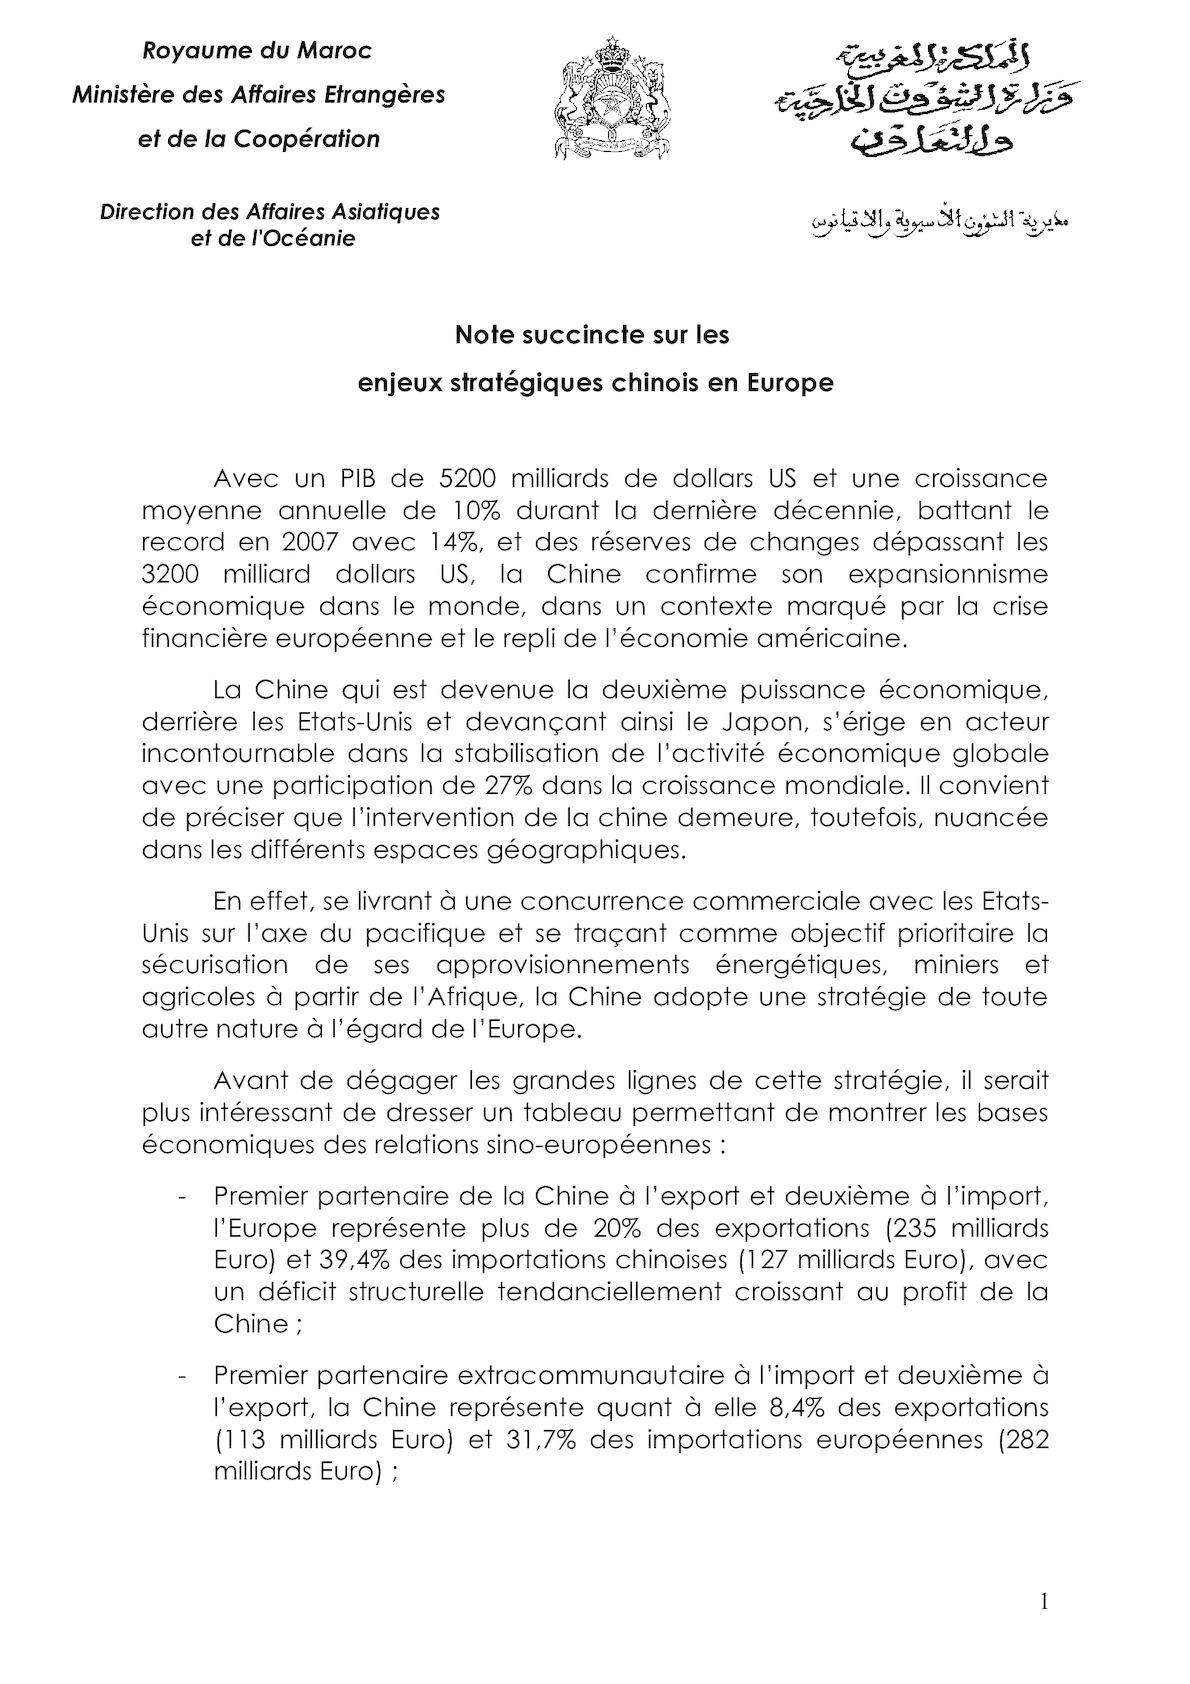 Chine Europe 01(1).